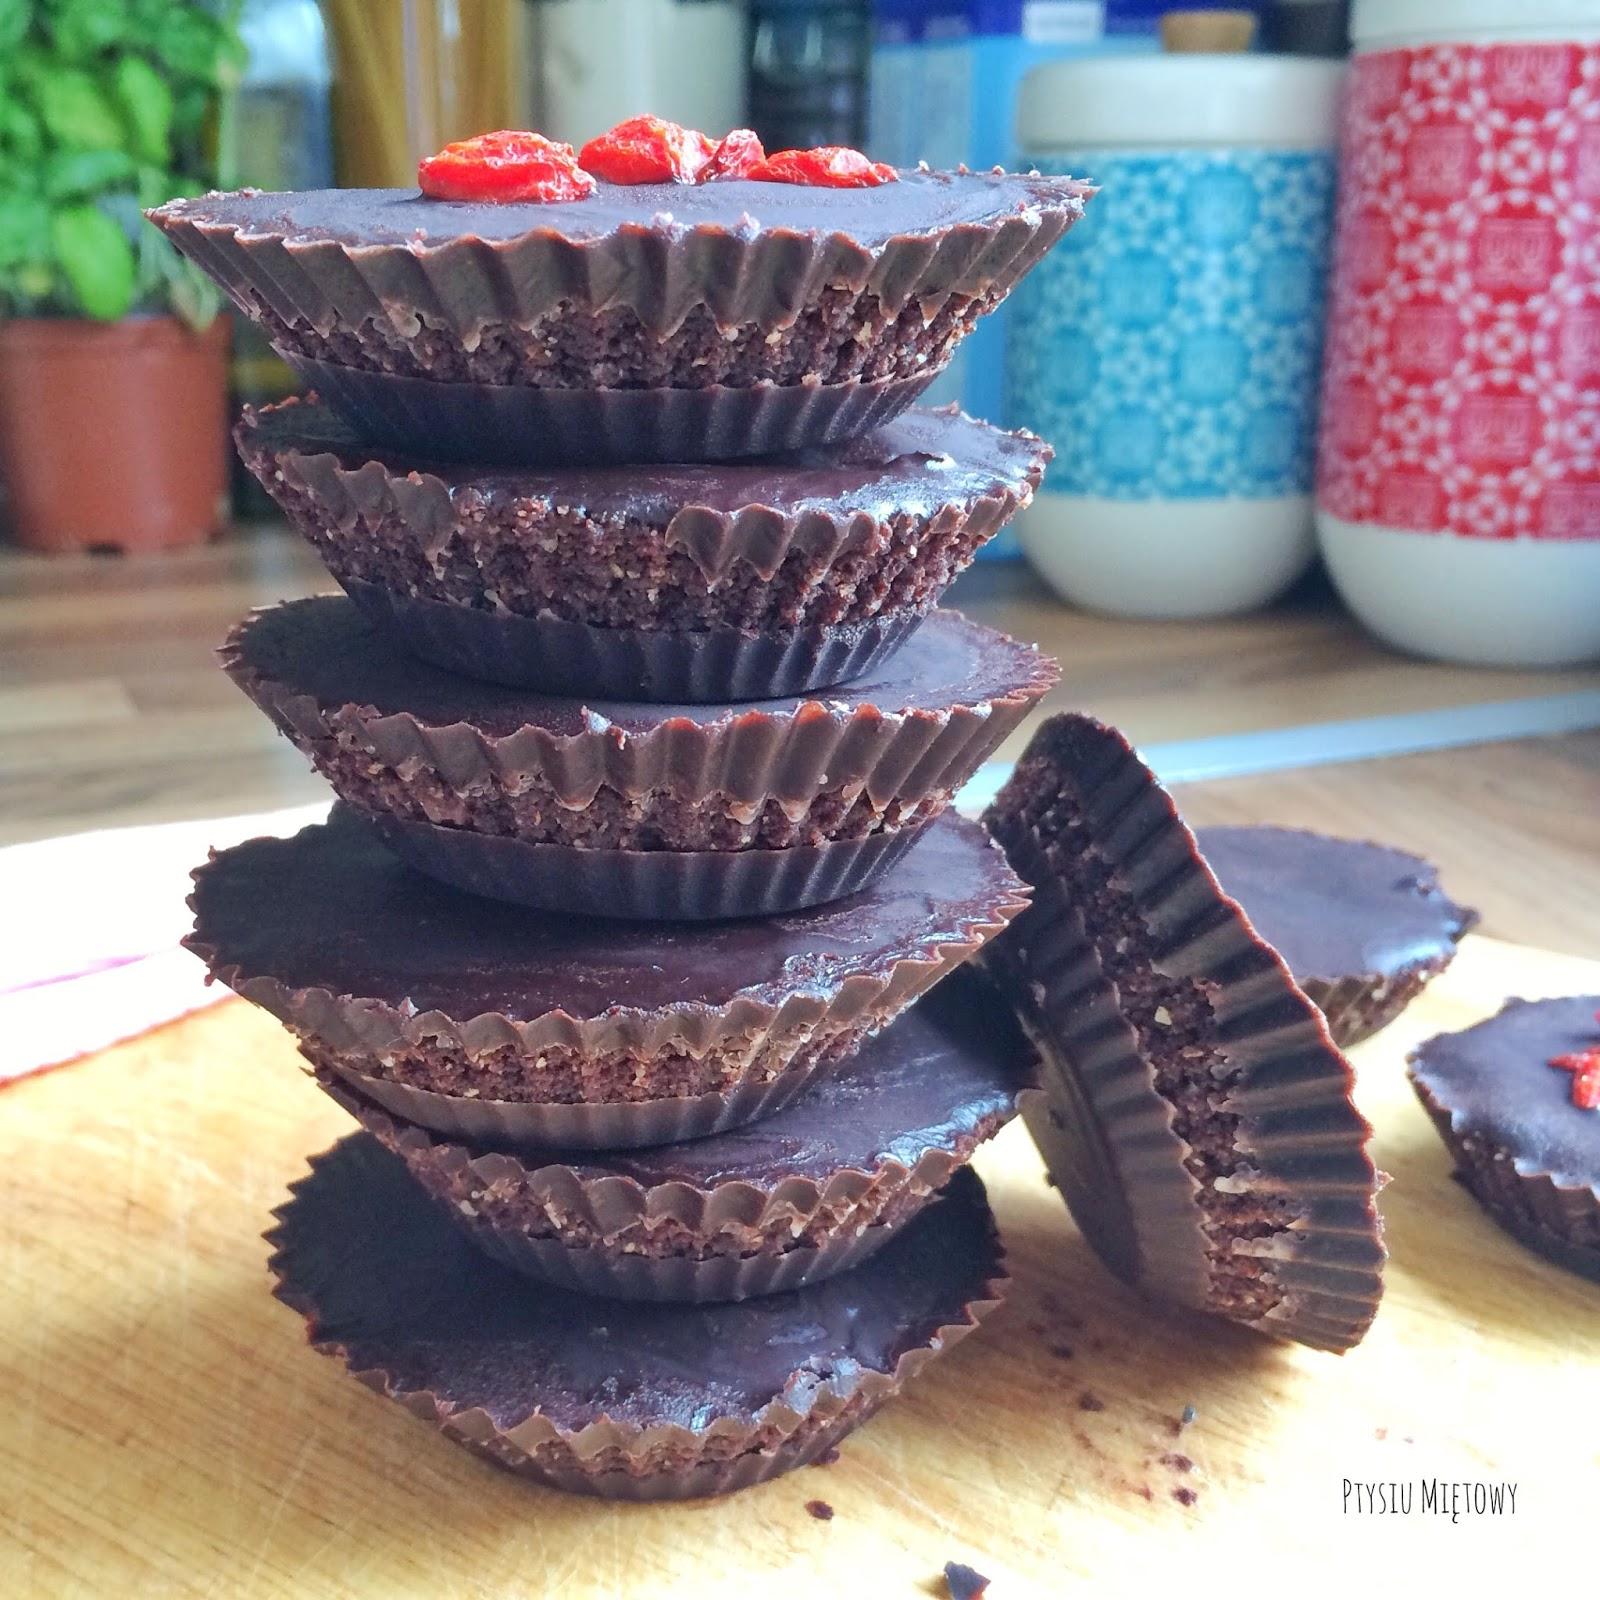 czekoladowe ciasteczka, ptysiu mietowy